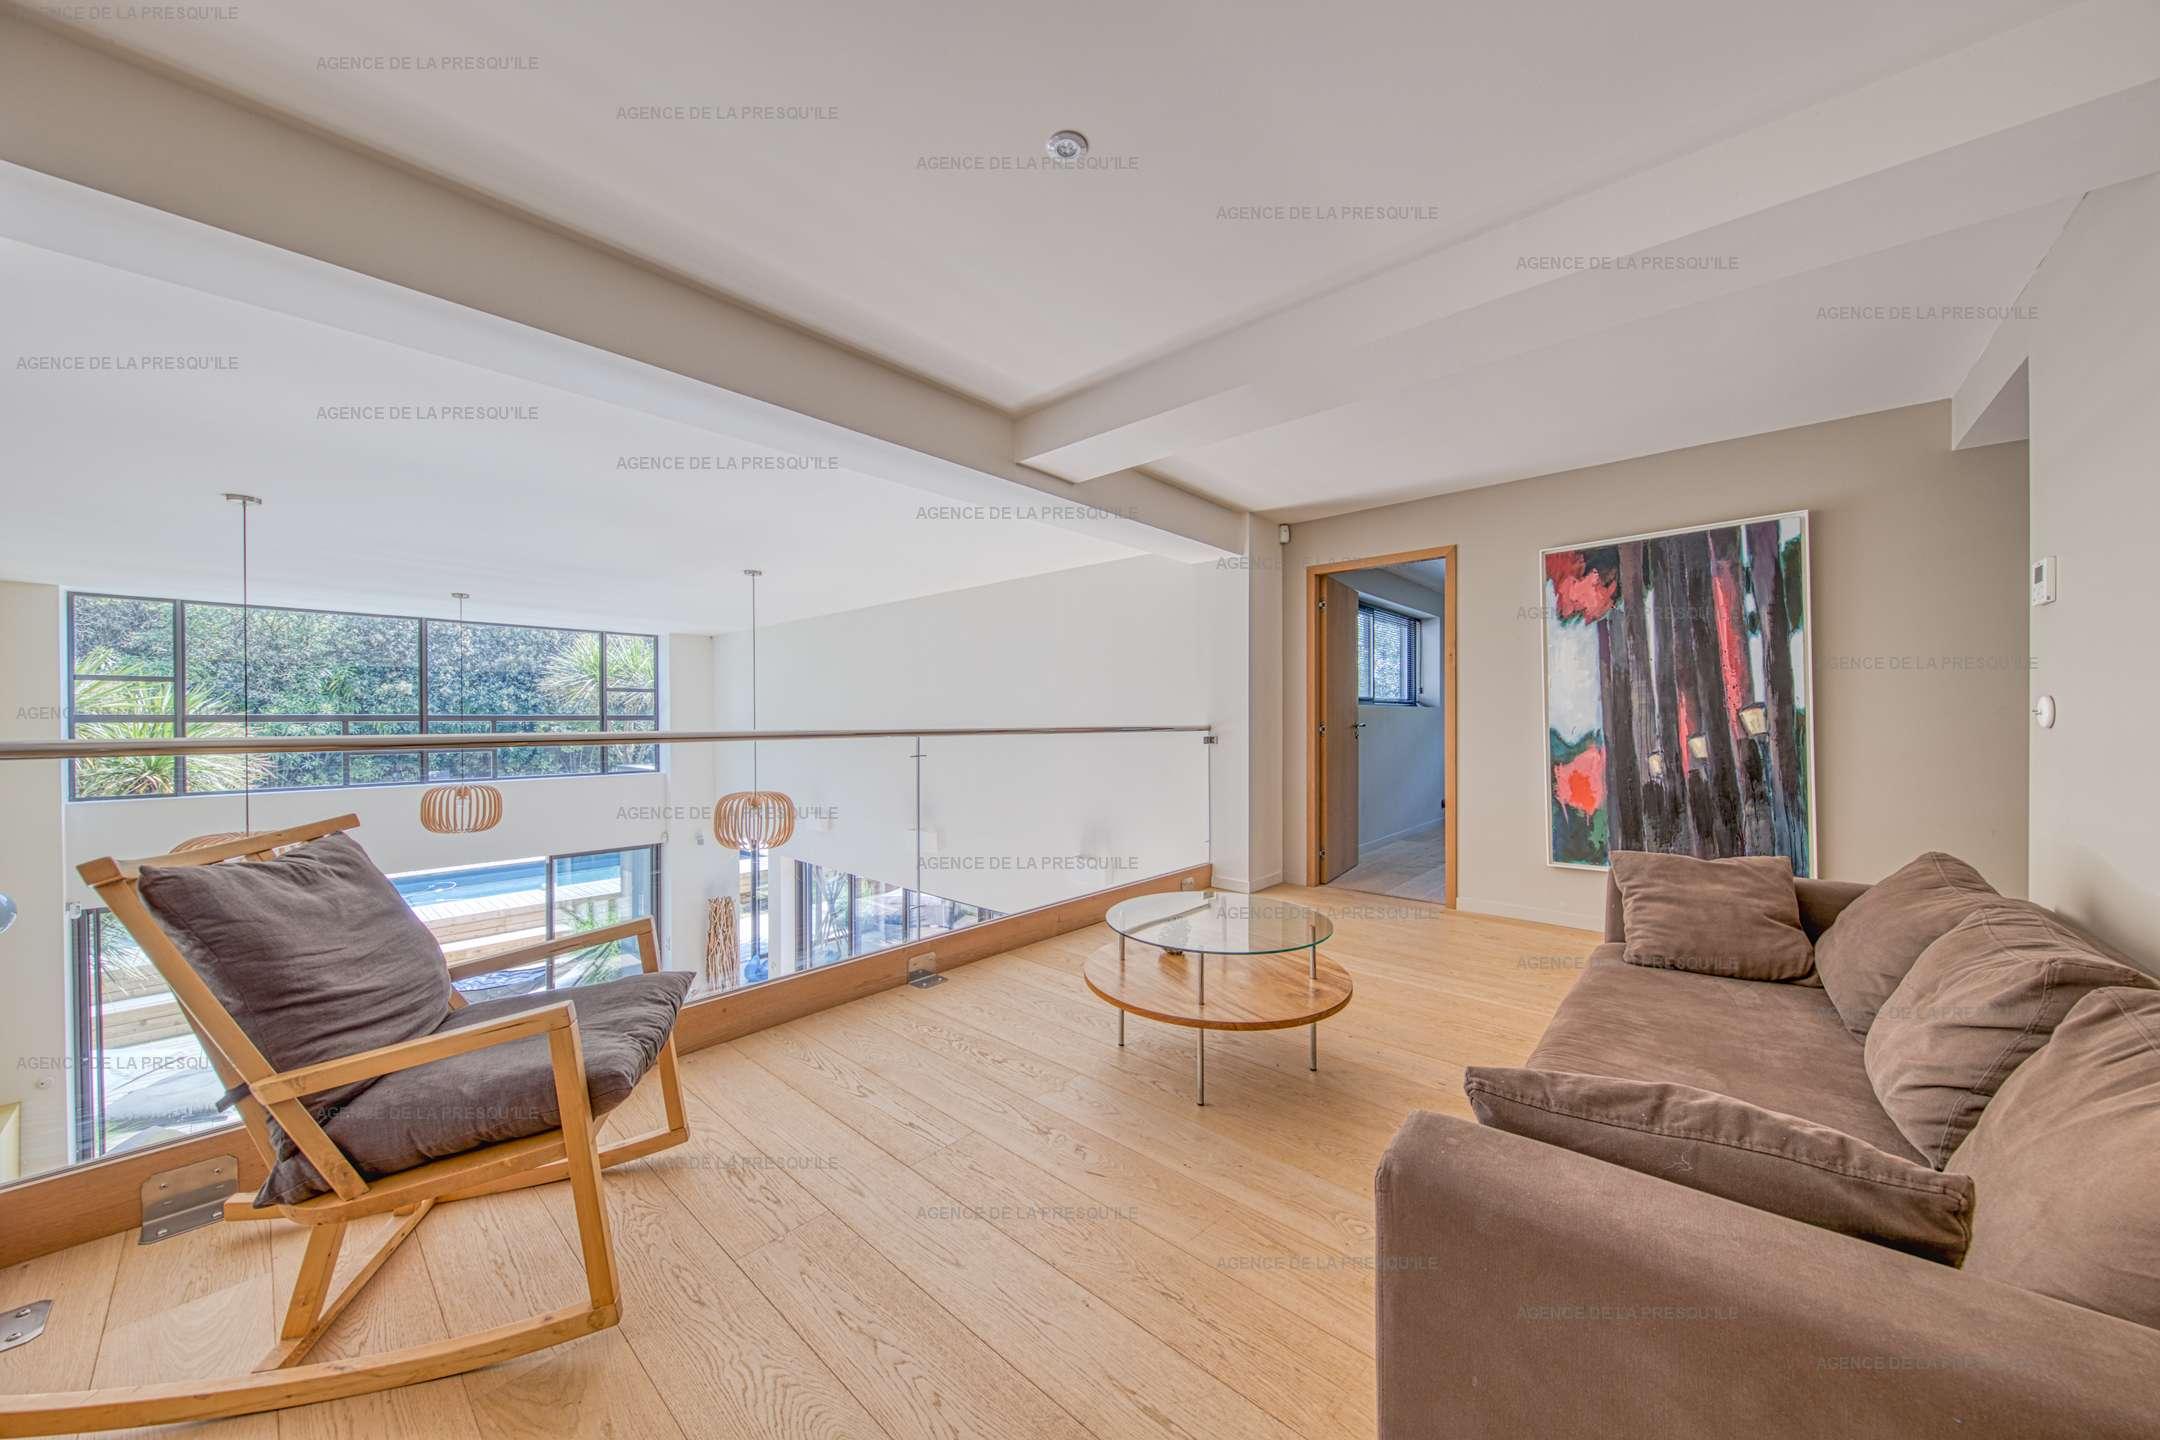 Location: Très belle villa de standing avec piscine 15